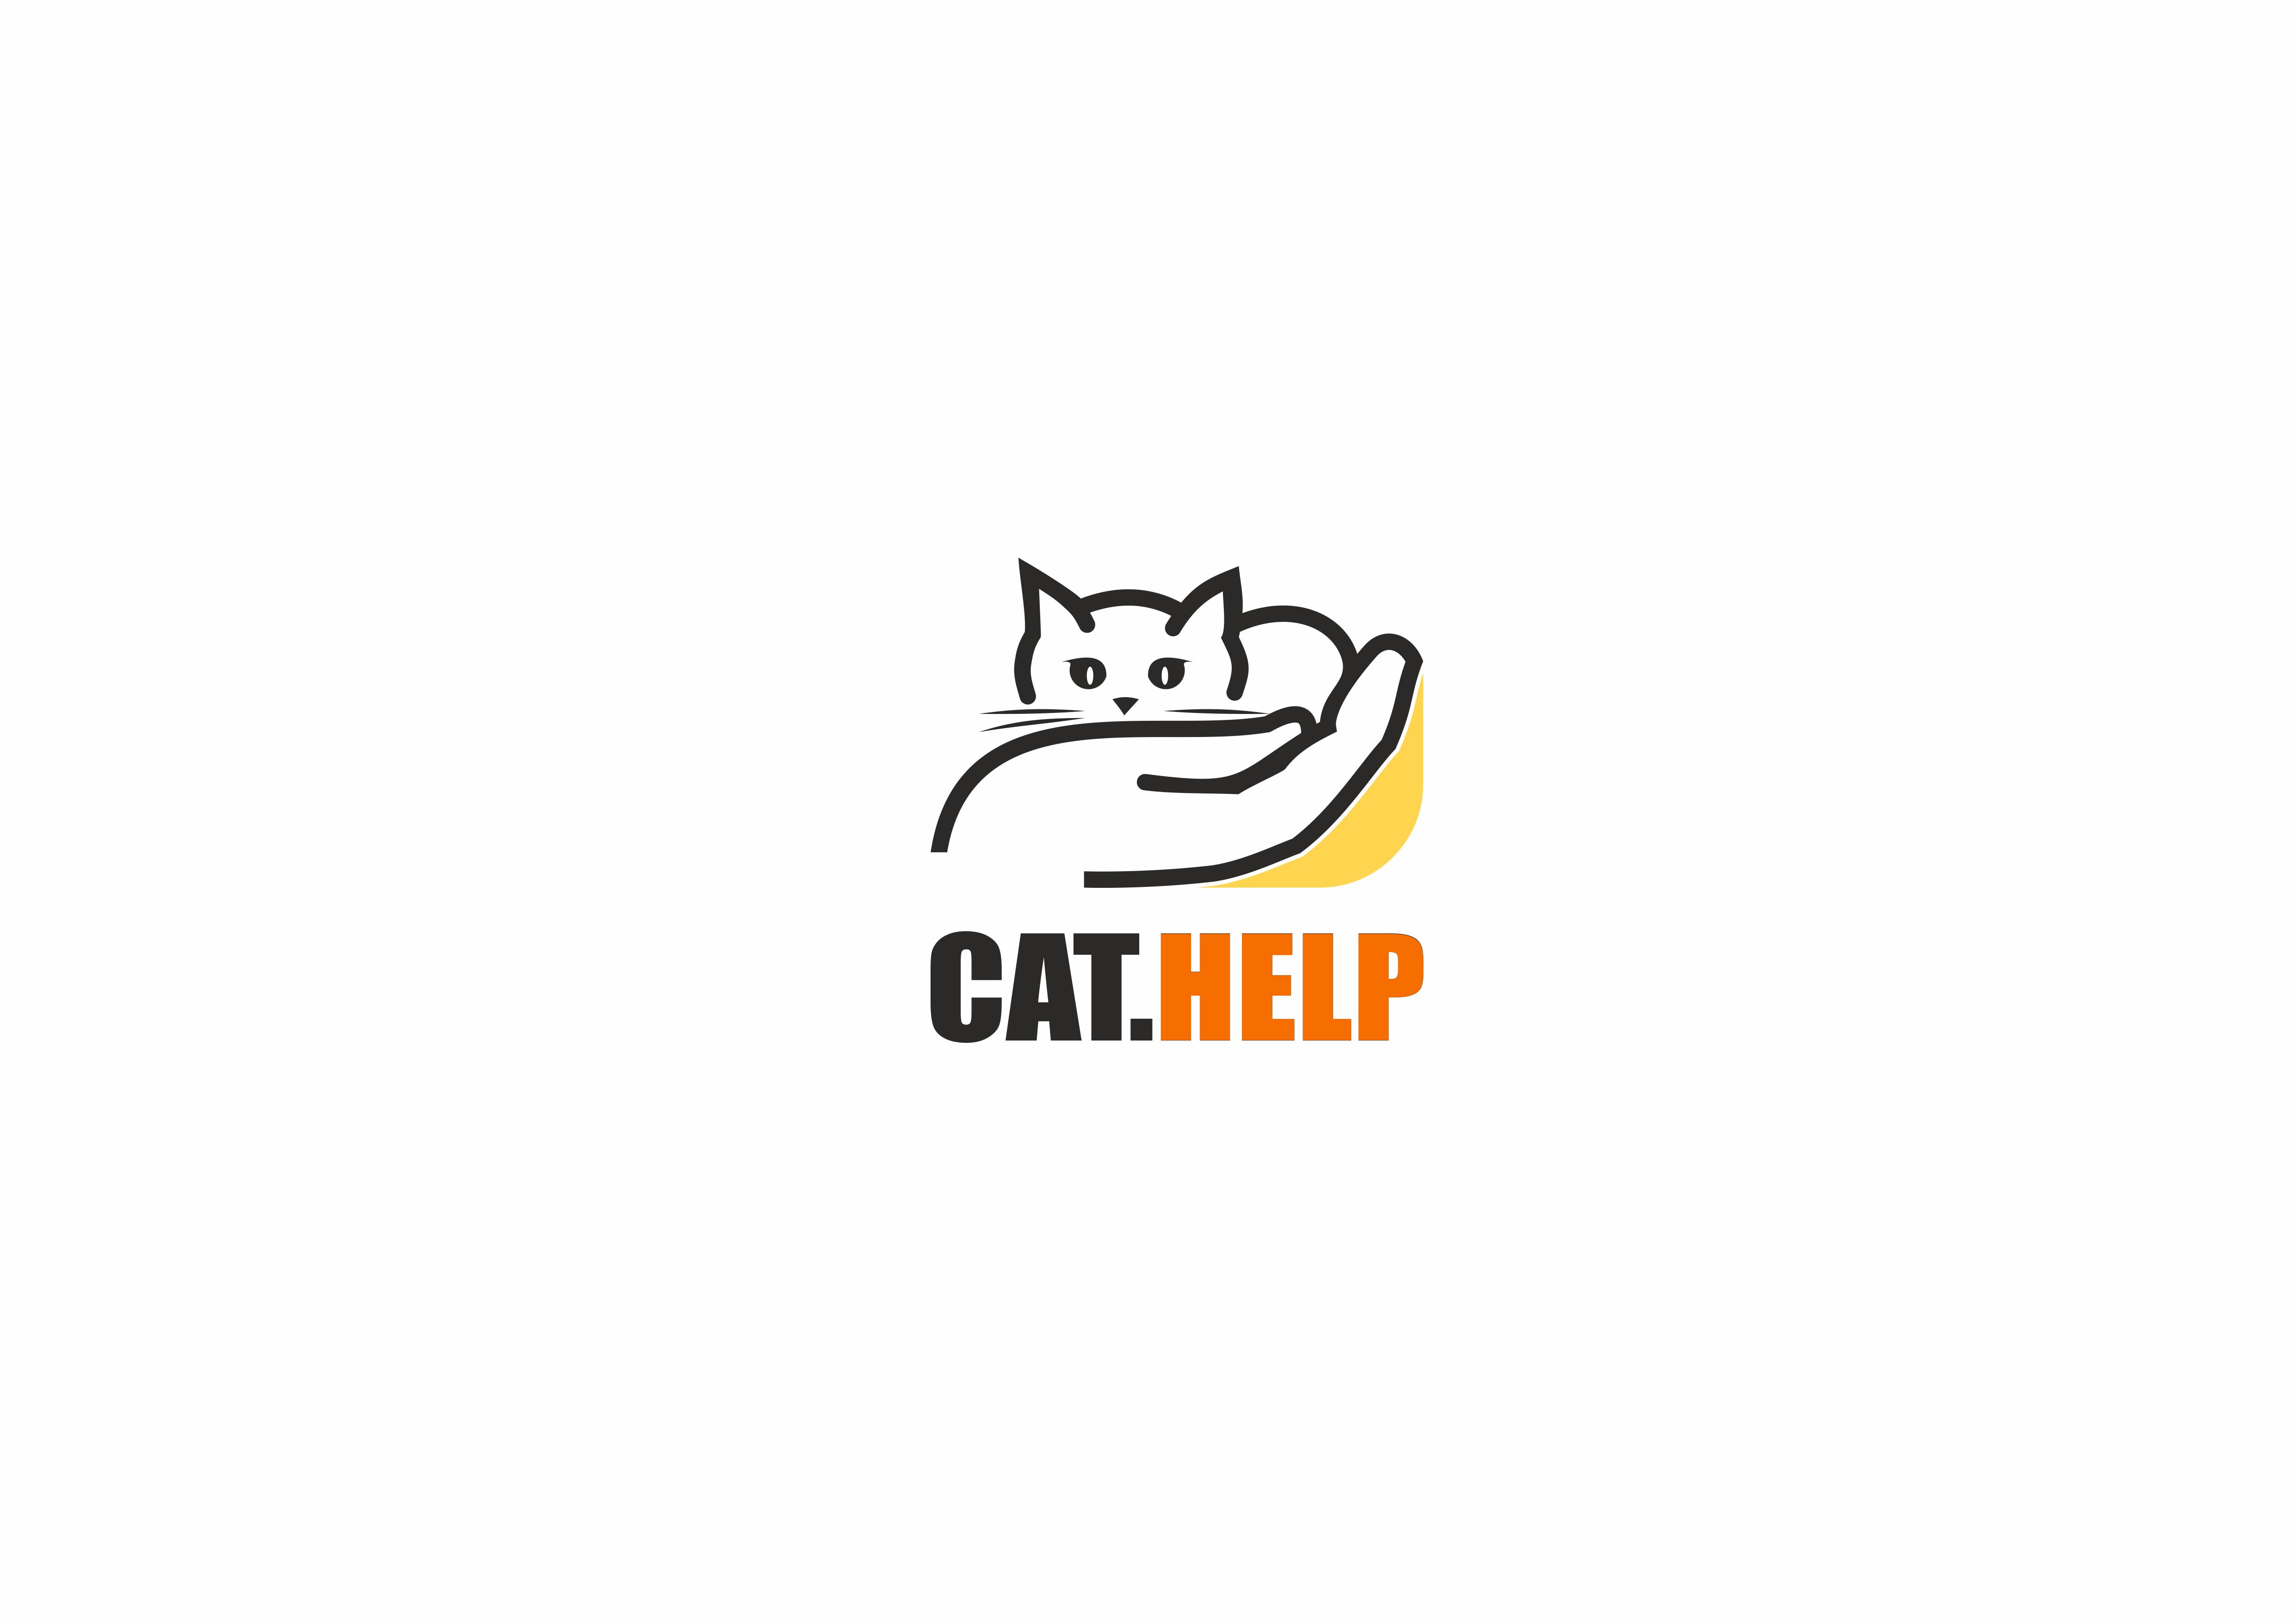 логотип для сайта и группы вк - cat.help фото f_98559db2147a5688.png